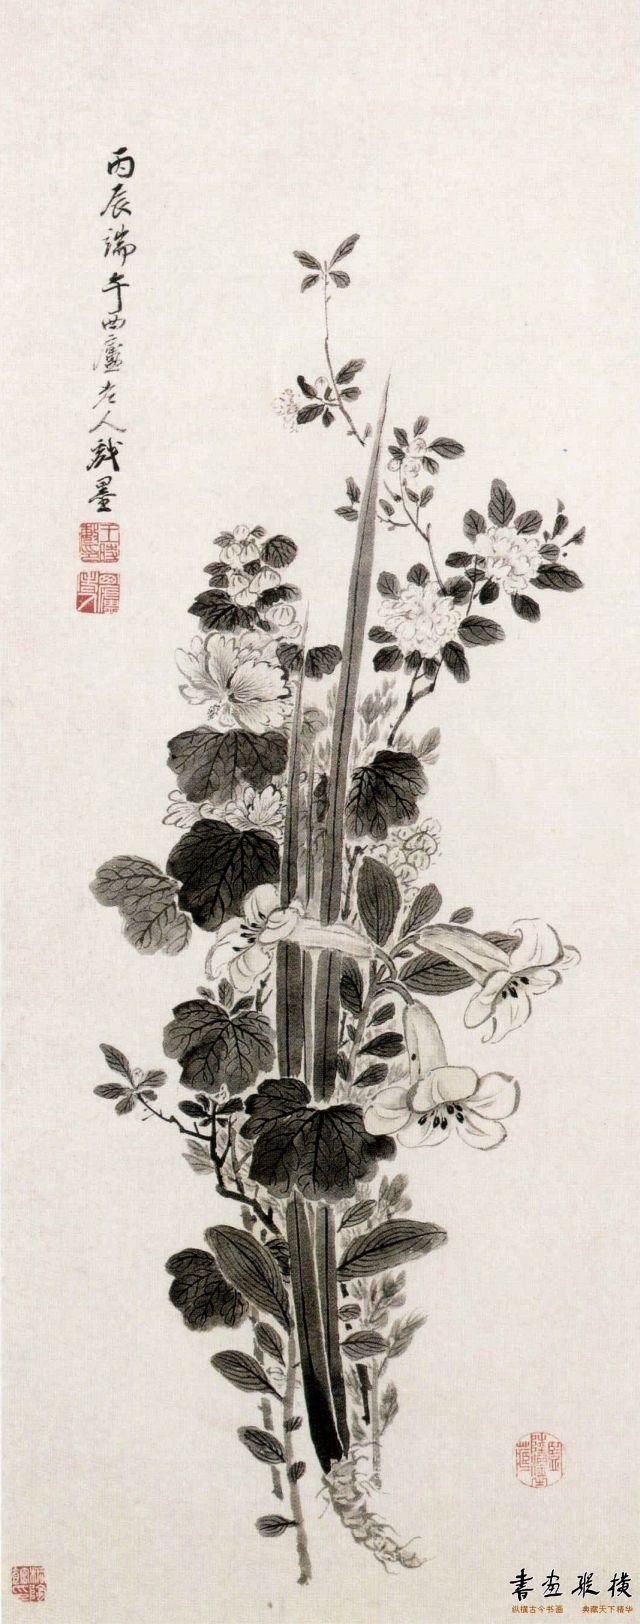 清 王时敏 端午图 纸本 墨笔 纵100.8厘米 横40.1厘米 故宫博物院藏